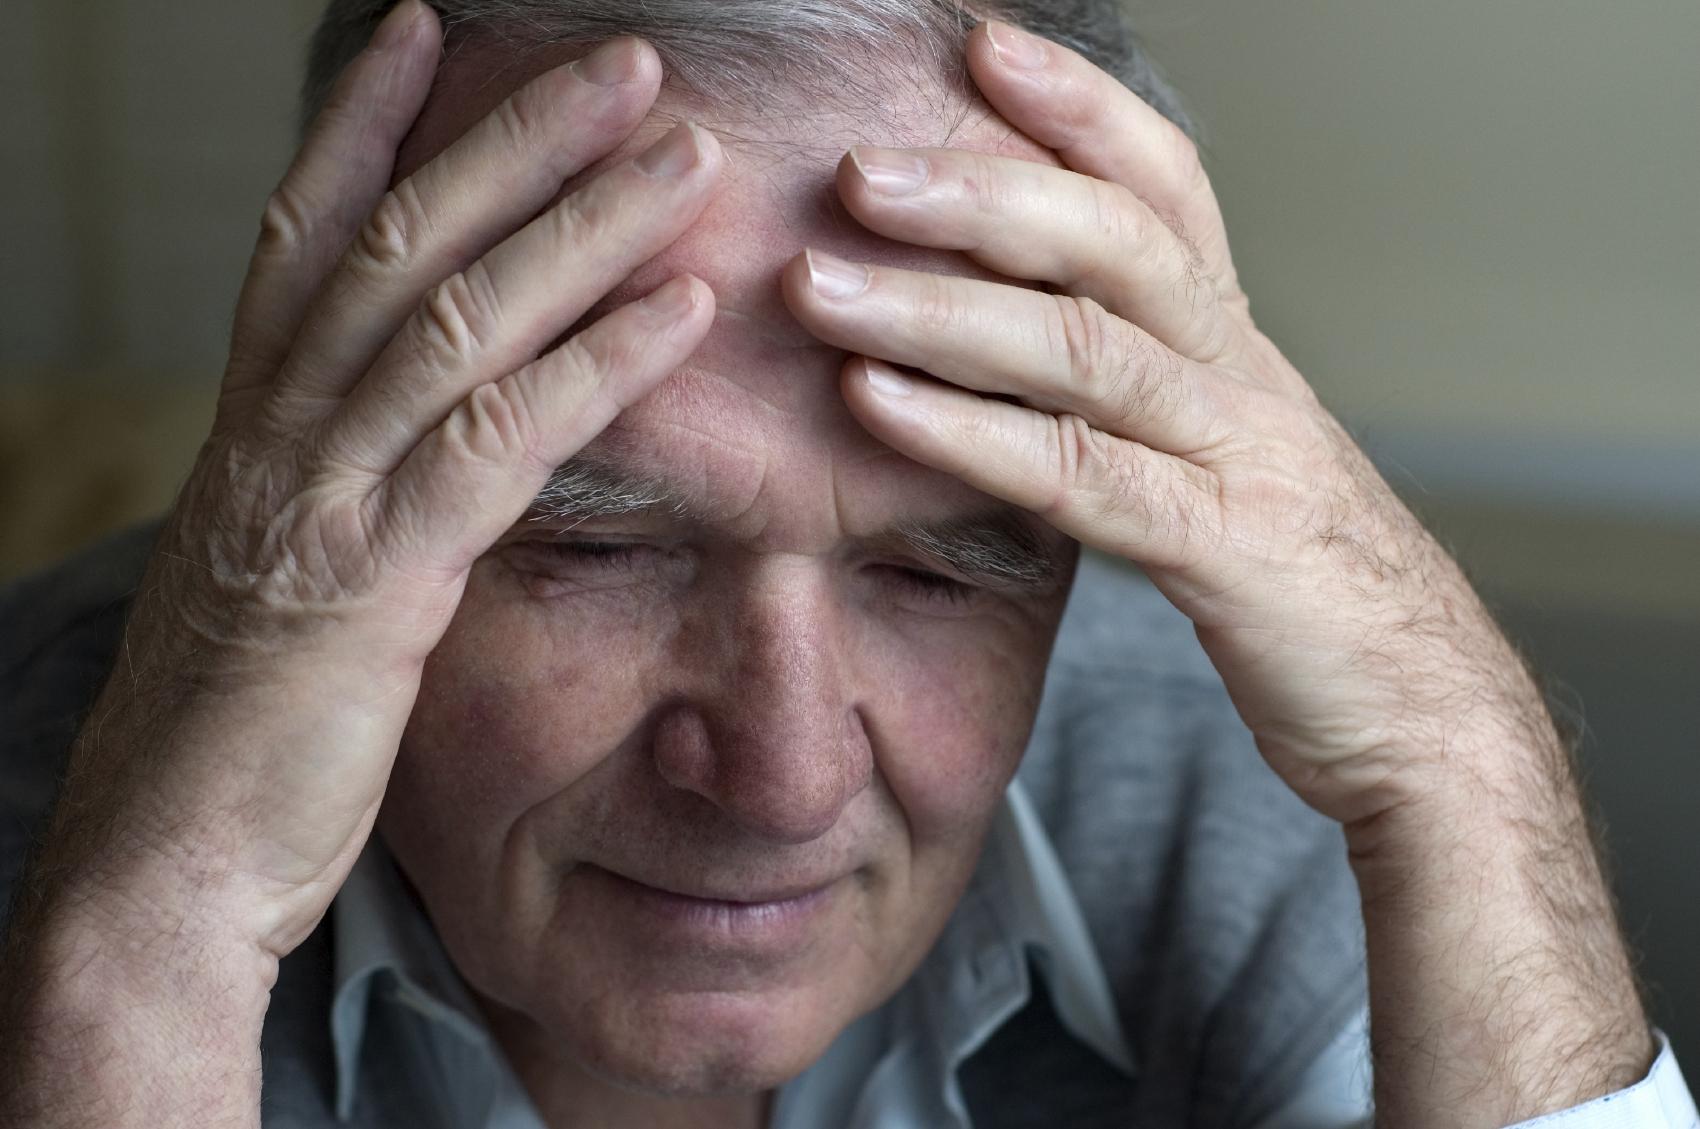 صورة دراسة أمريكية تربط بين الصداع النصفي وجفاف العين